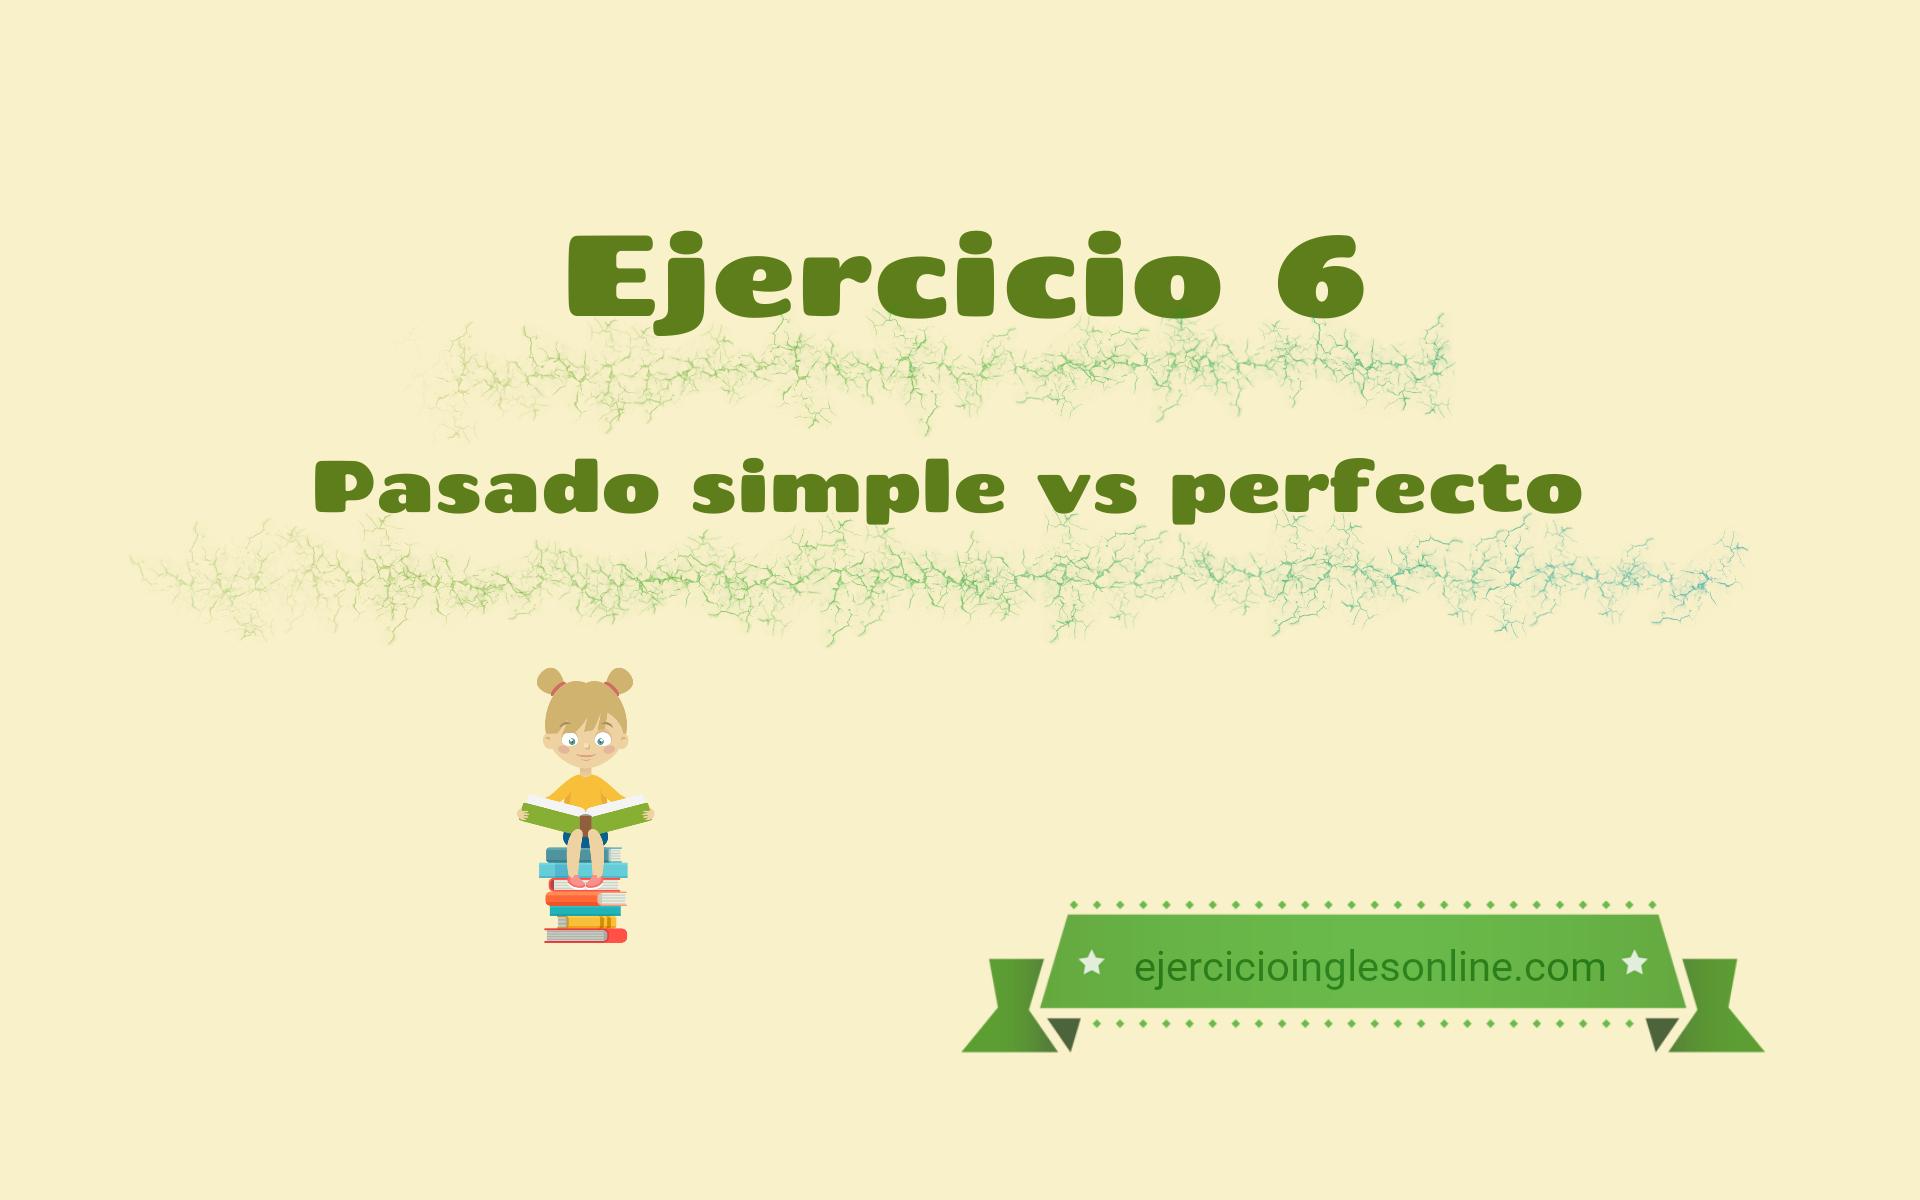 Pasado simple vs perfecto - Ejercicio 6